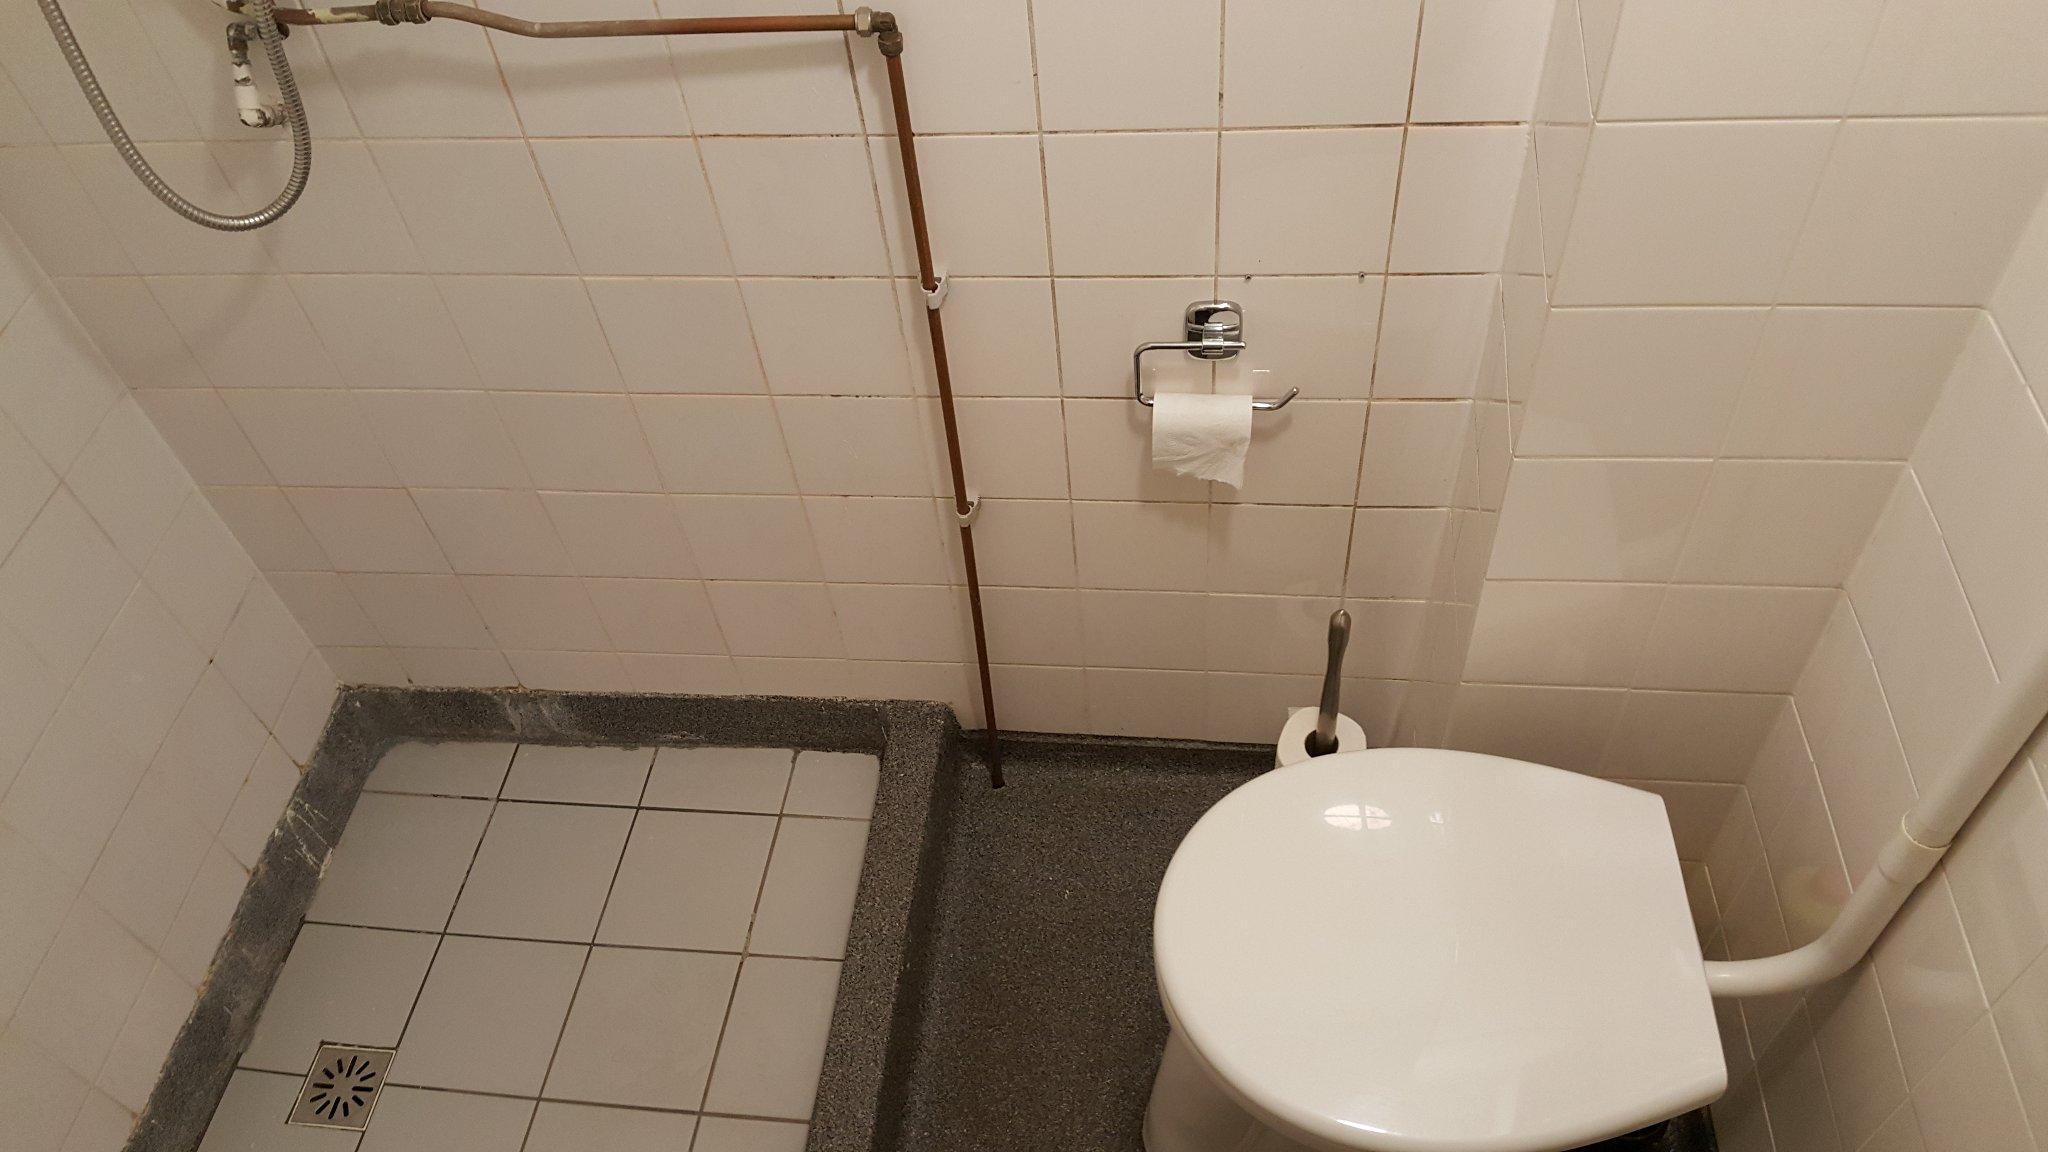 Loodgieter werkzaamheden kleine badkamer 2 m² - Werkspot